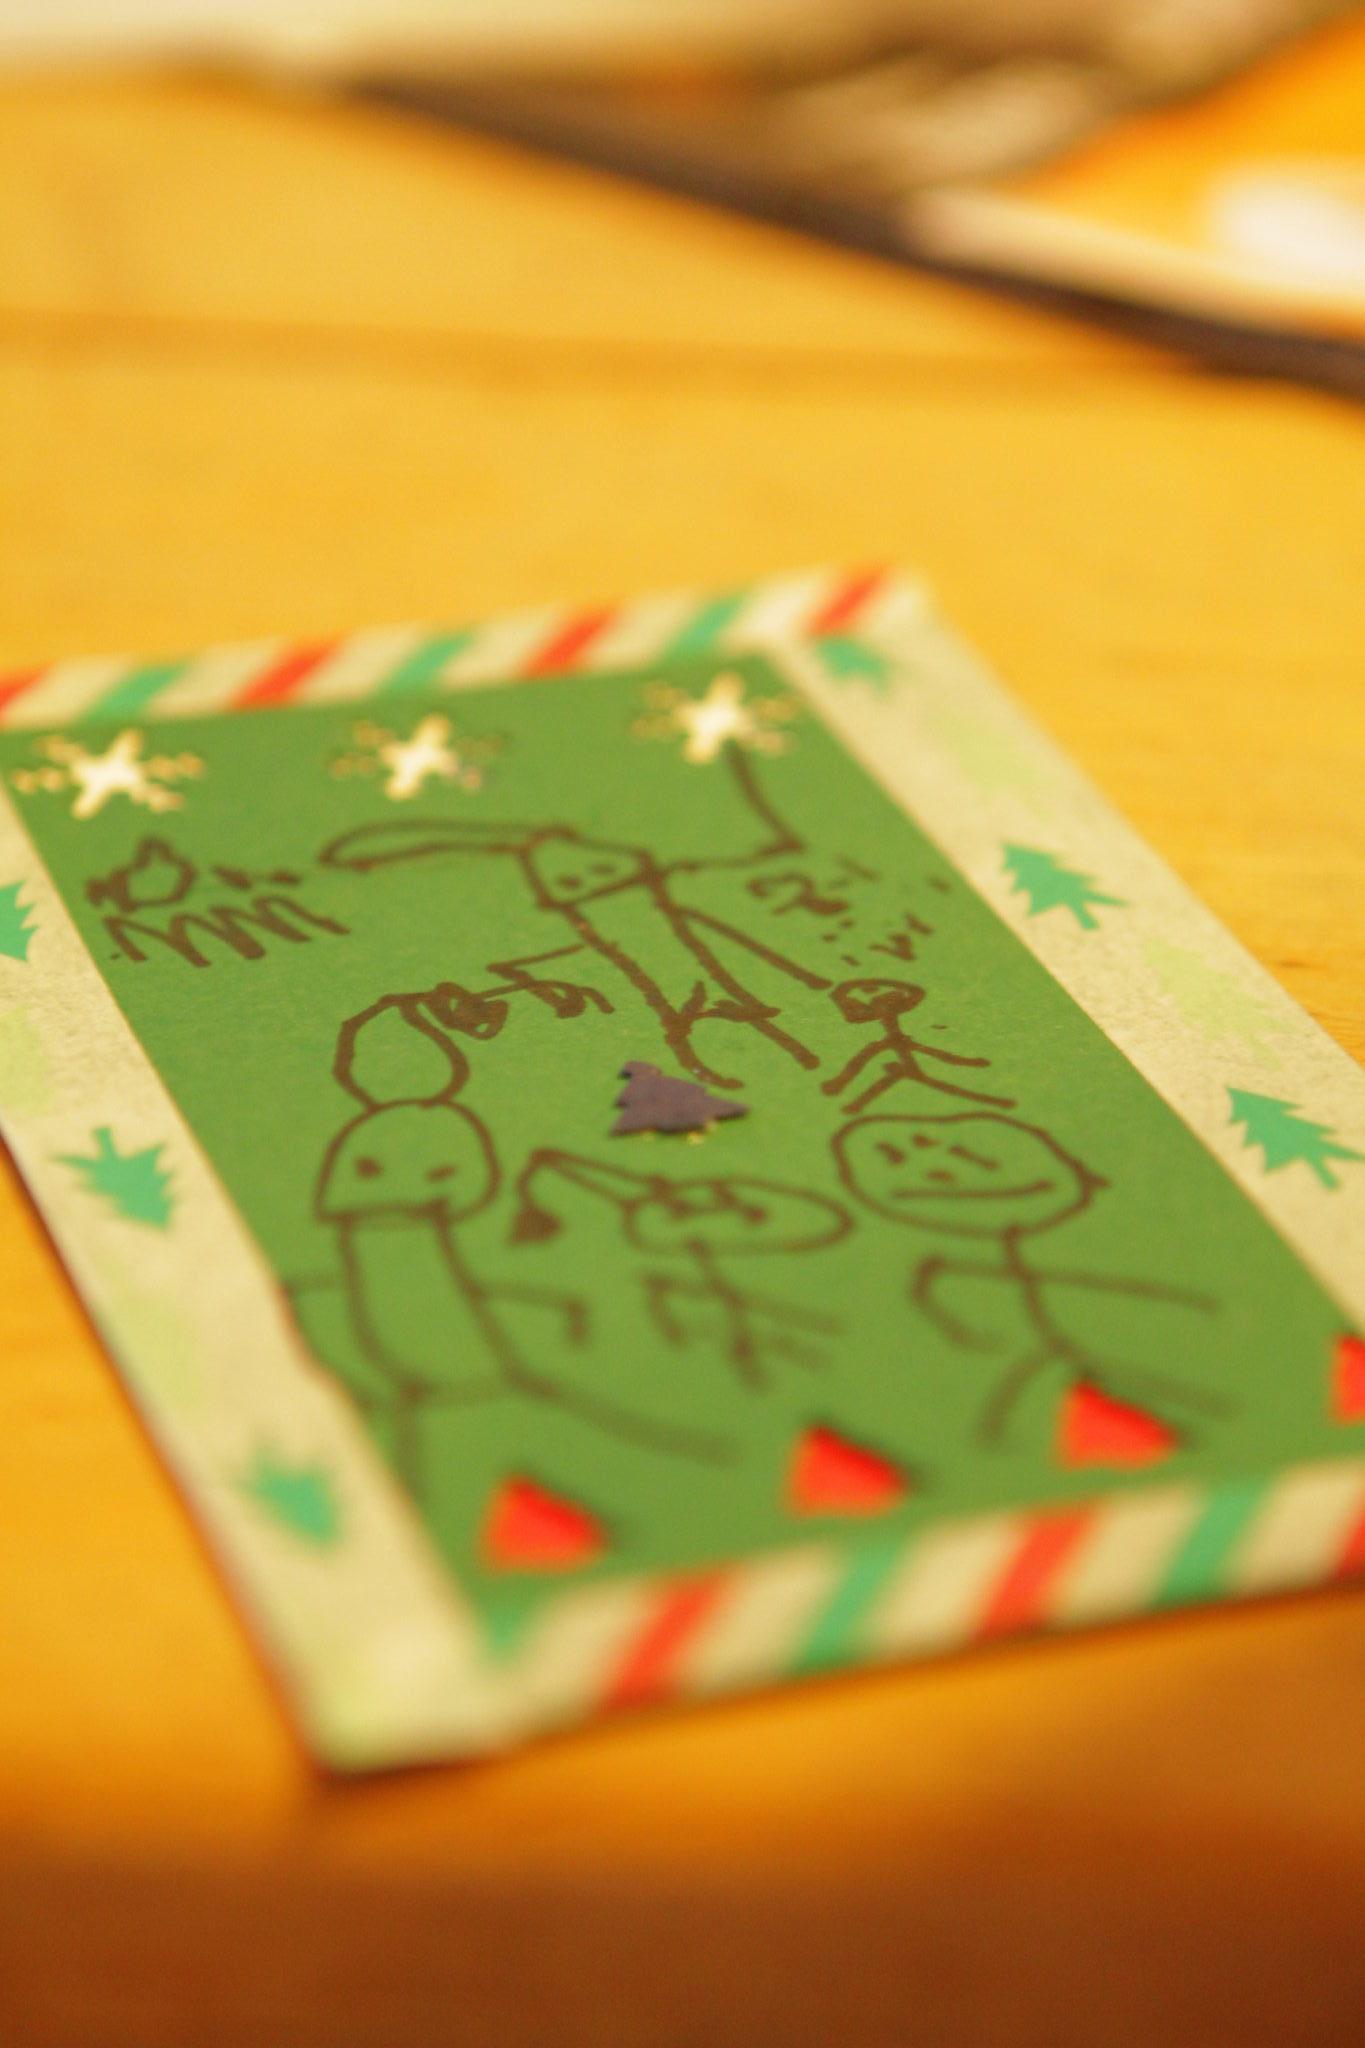 Joulukortti on teko, joka lämmittää